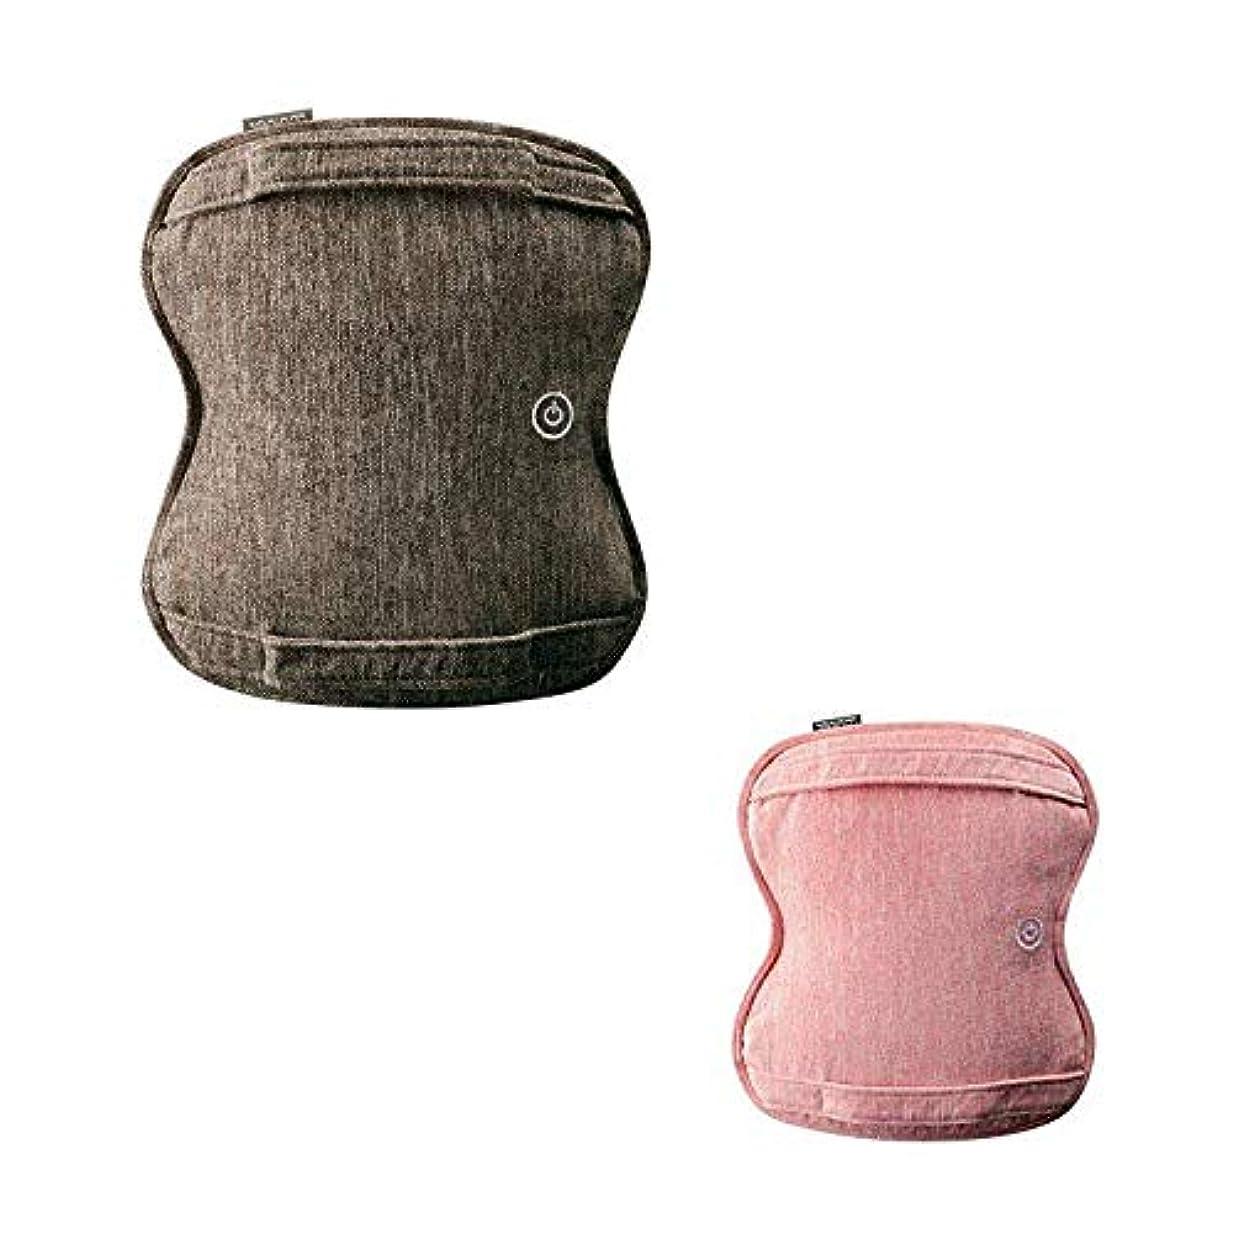 合理化合体不快ルルド AX-HCL258 ダブルもみ マッサージクッション マッサージ器 洗える 健康器具 腰痛 肩 首 プレゼント アテックス ATEX ランキング (ブラウン(br))